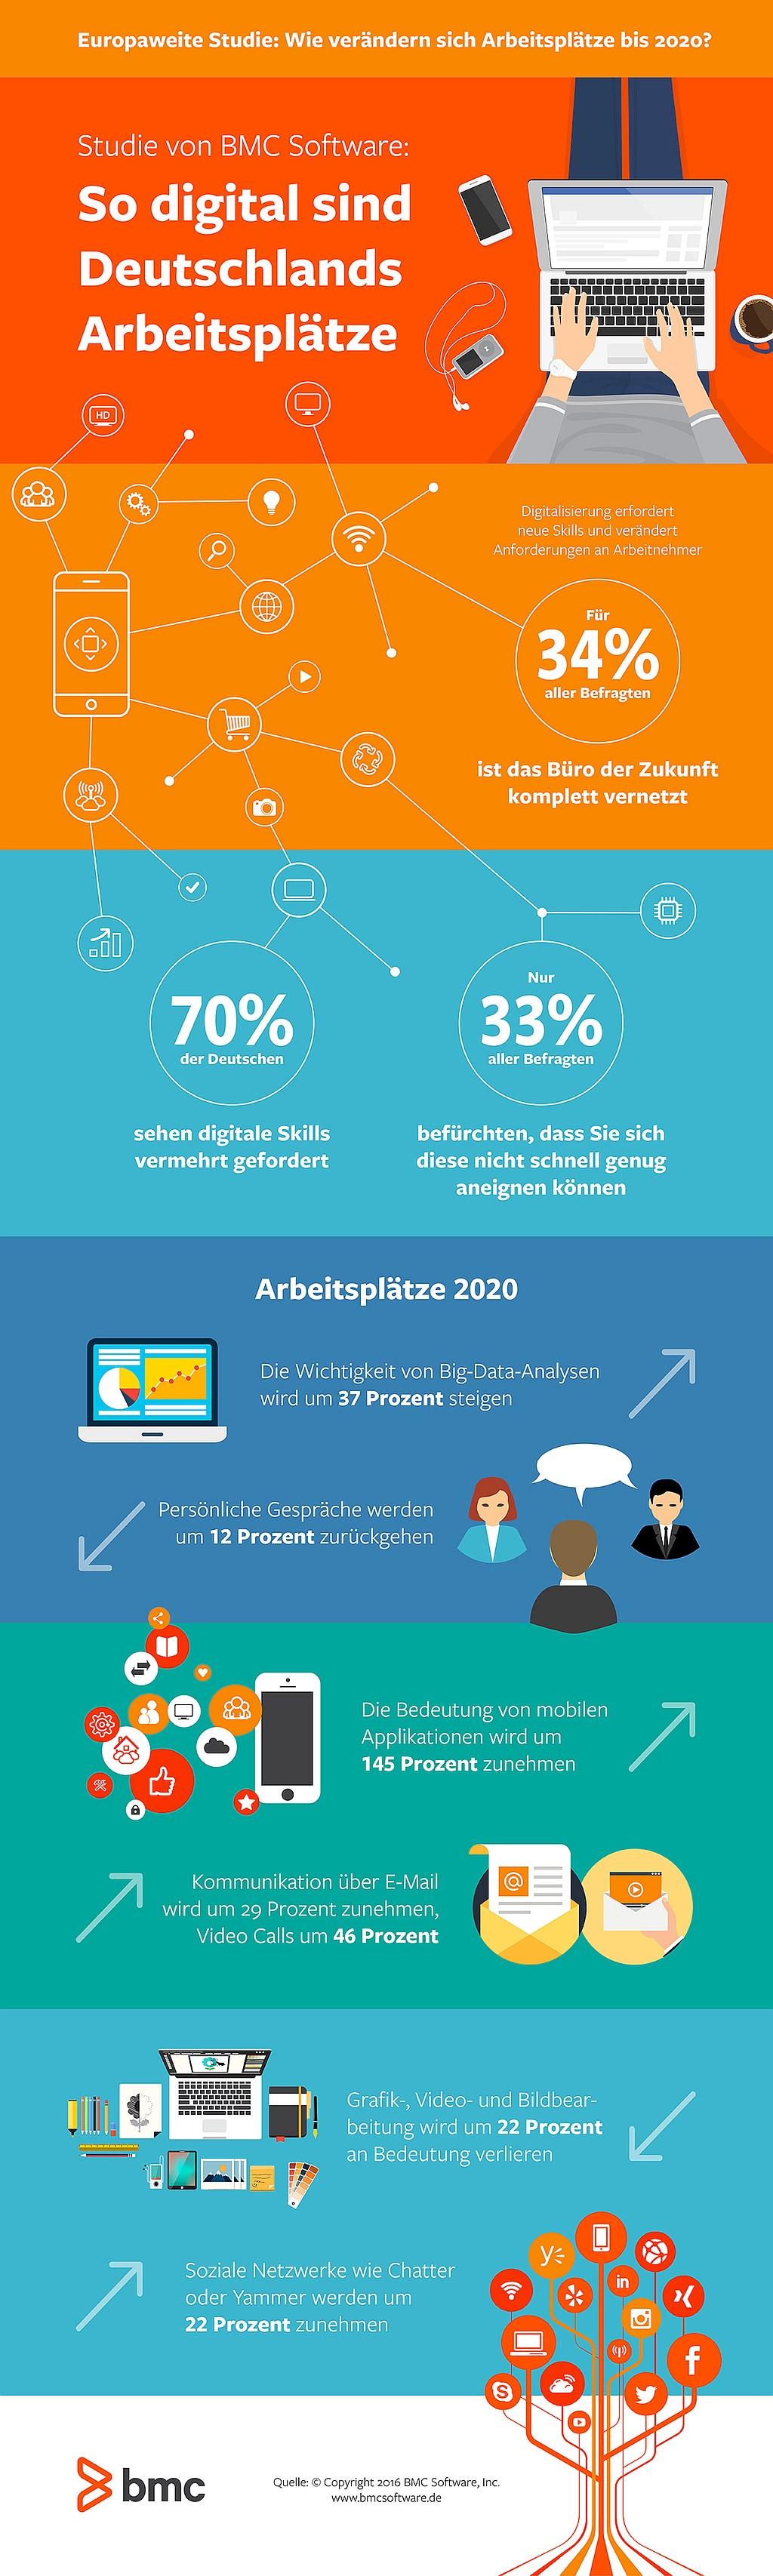 infografik-bmc-so-digital-sind-deutschlands-arbeitspldtze